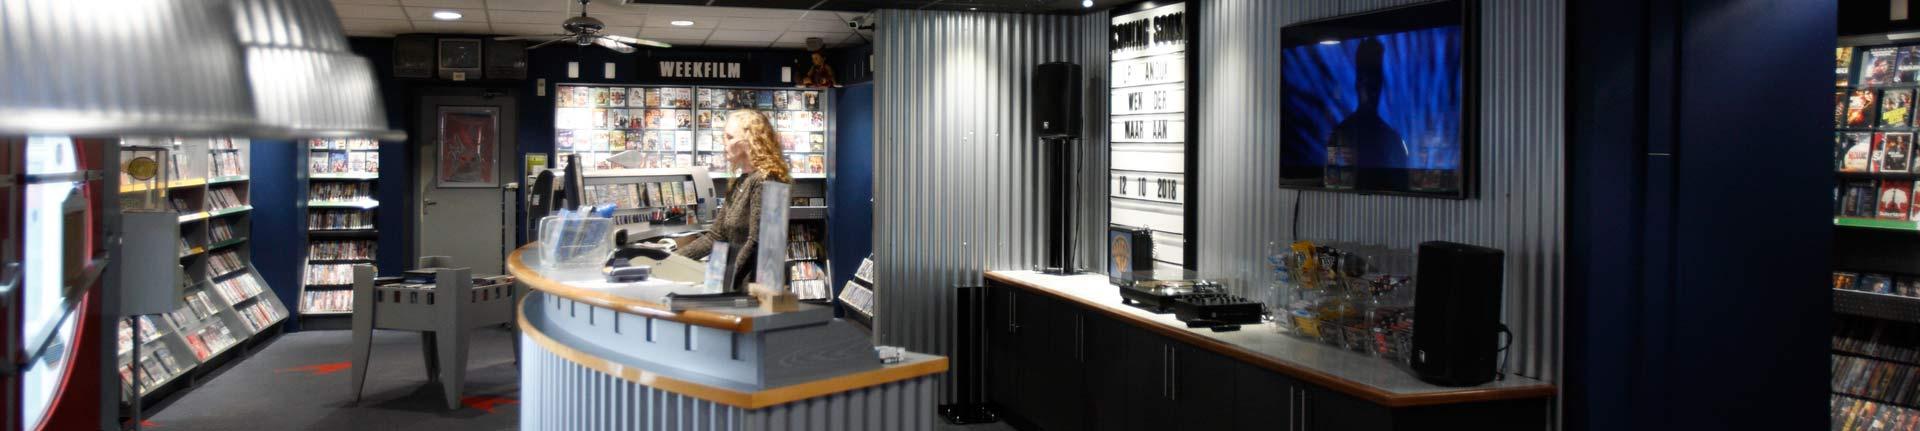 Vape Shop Jolly Smoker Groningen